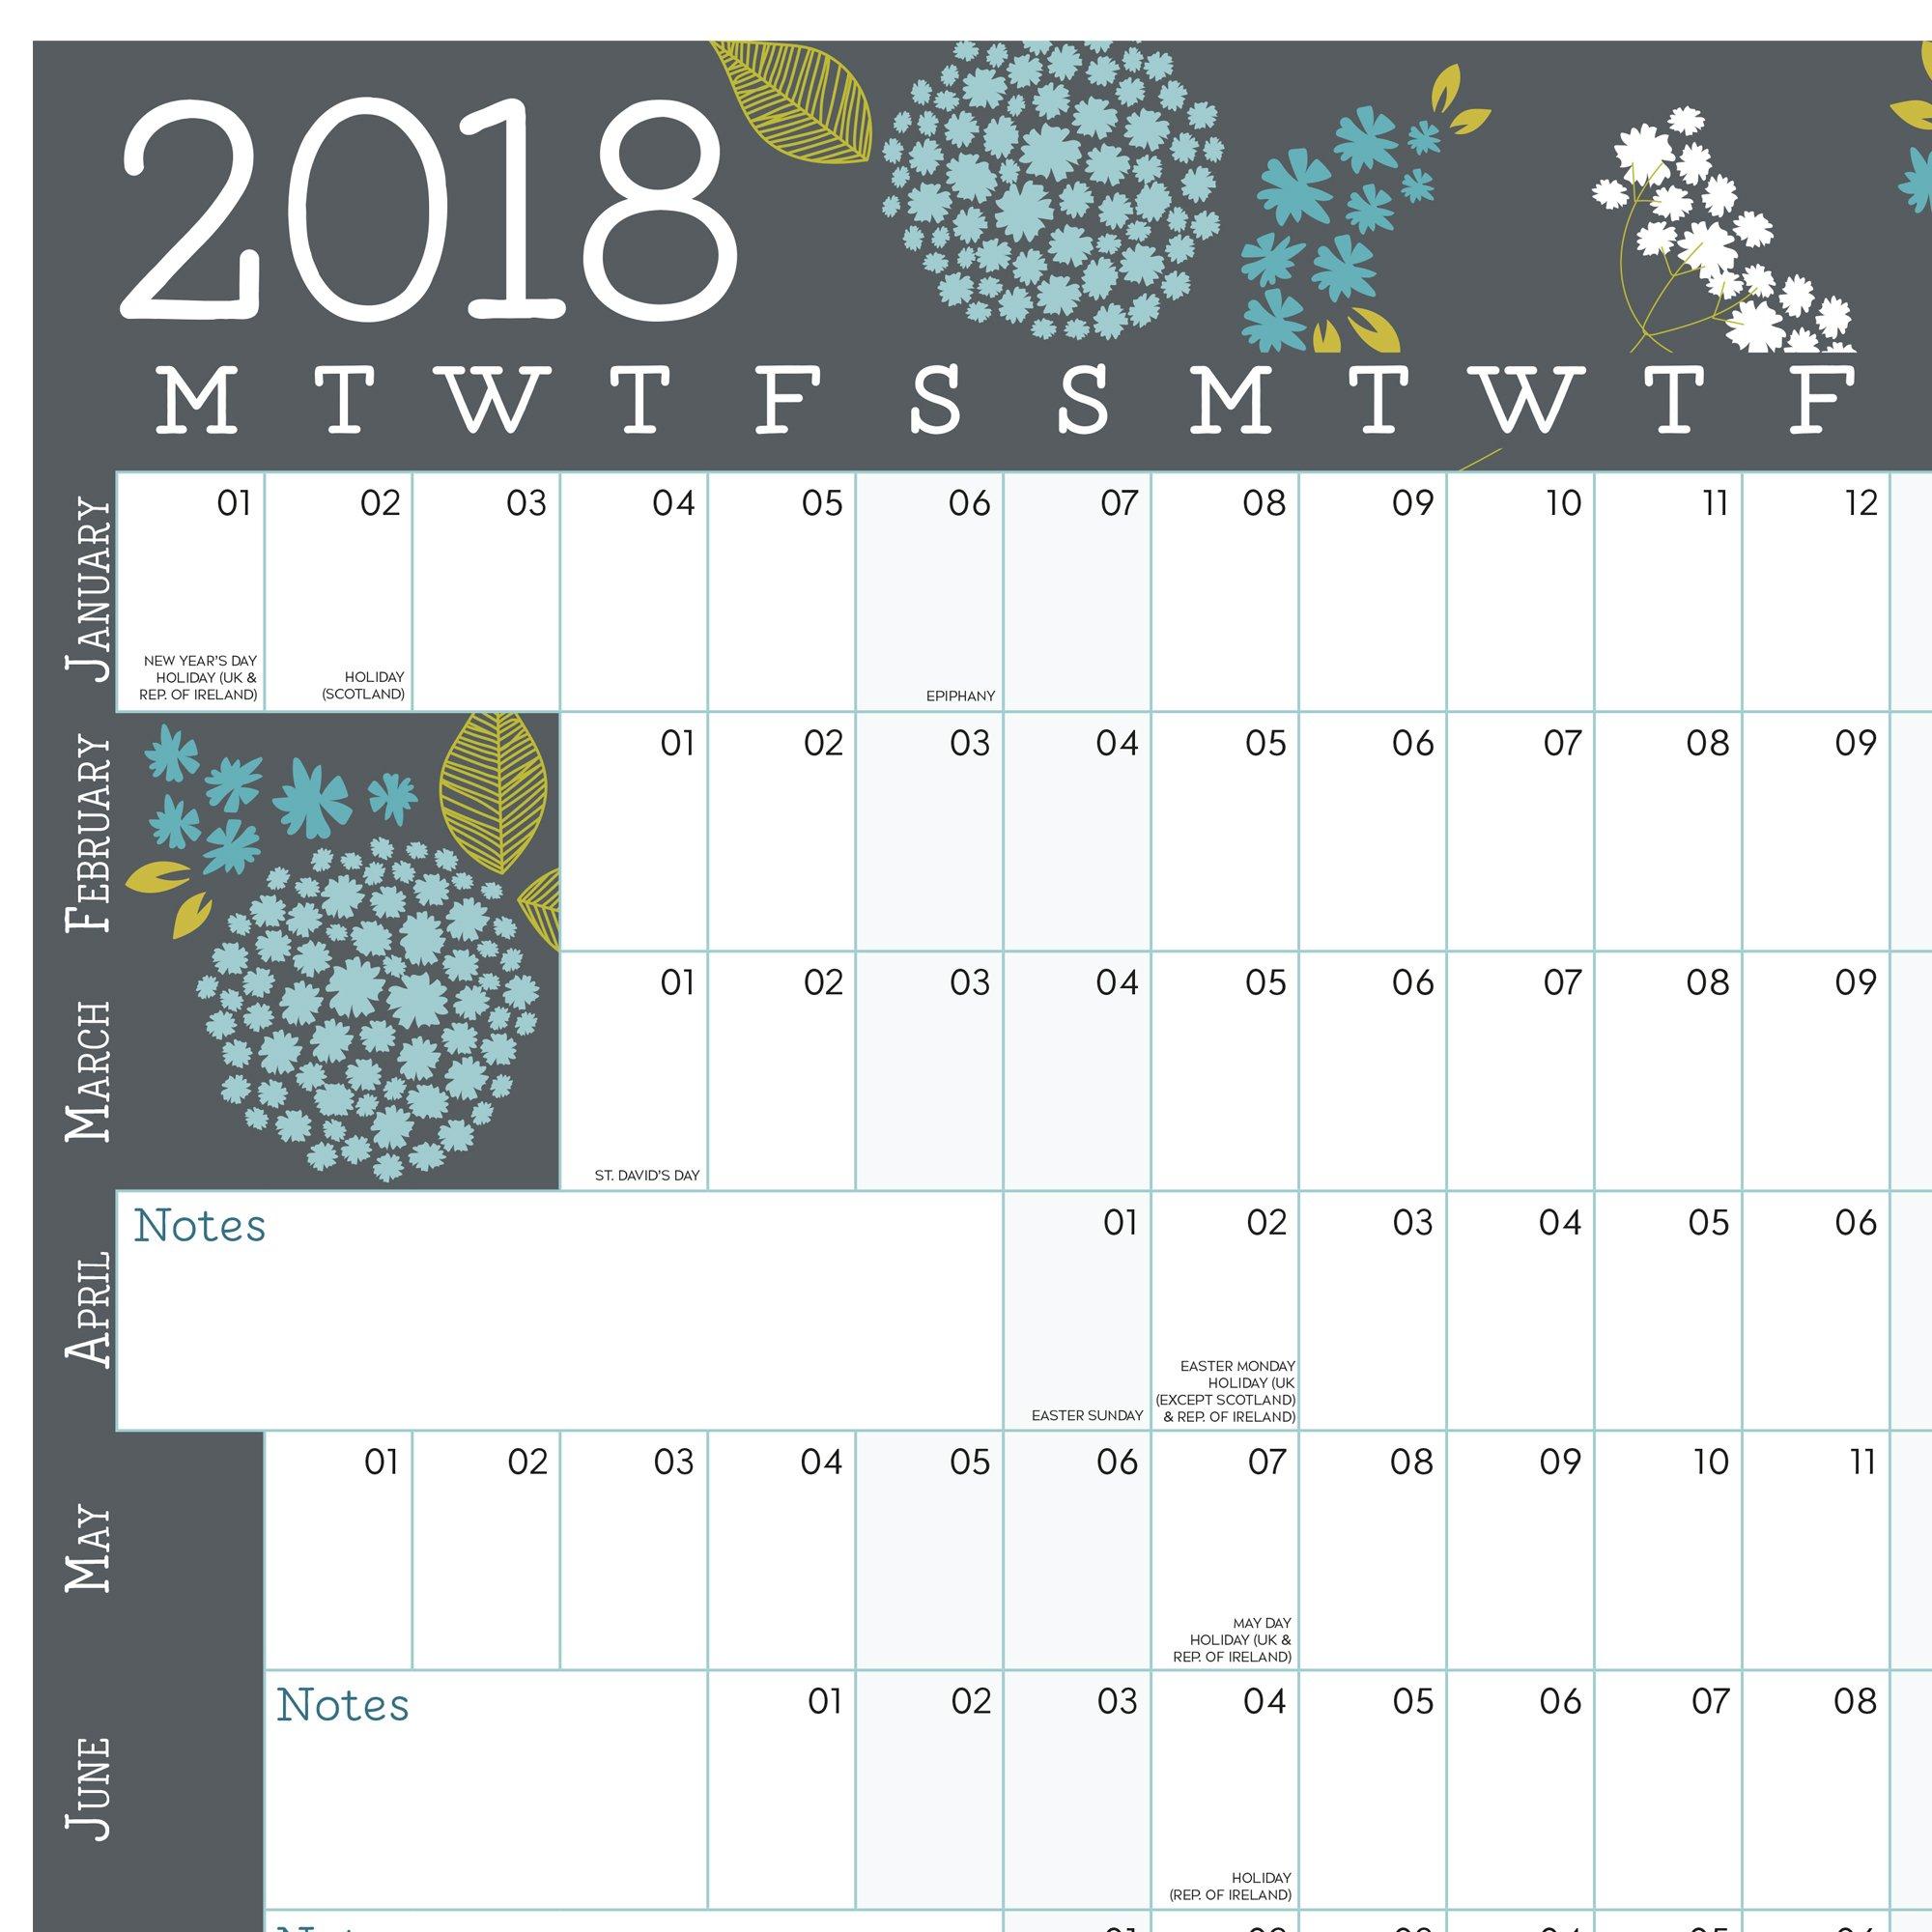 Calendario de pared 2018. 12 meses. Ideal para la oficina o el hogar. Empieza en enero 2018 y se extiende hasta diciembre 2018. Tiene un acabado laminado o no laminado. EN INGLES (